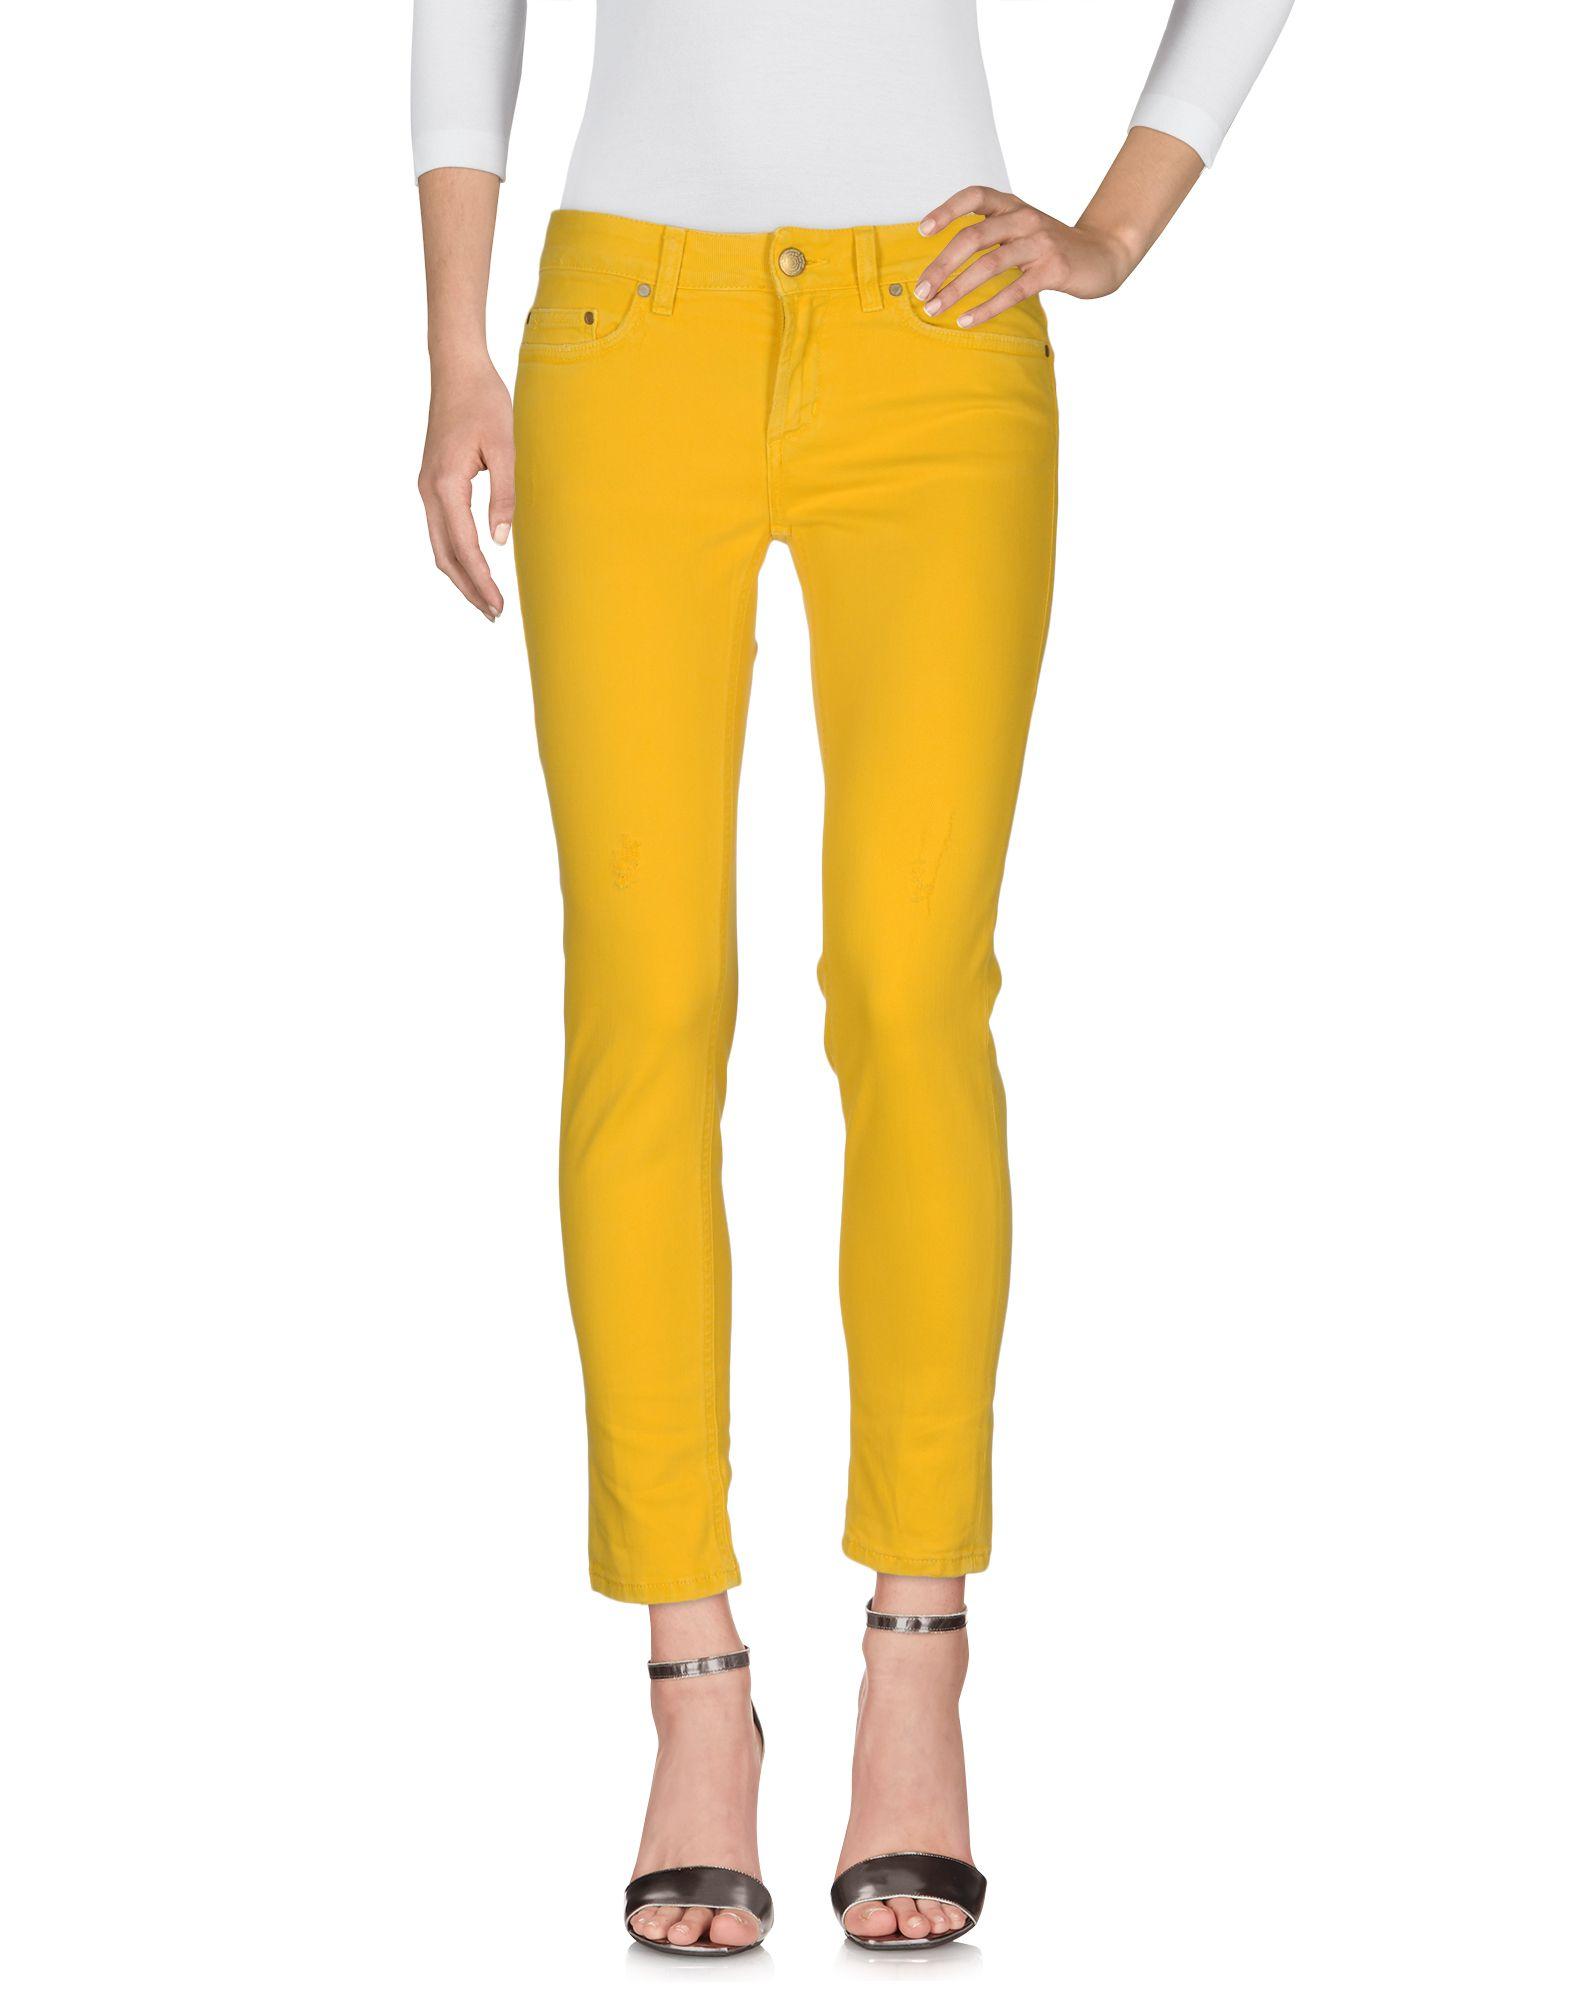 DONDUP Damen Jeanshose Farbe Gelb Größe 5 - broschei